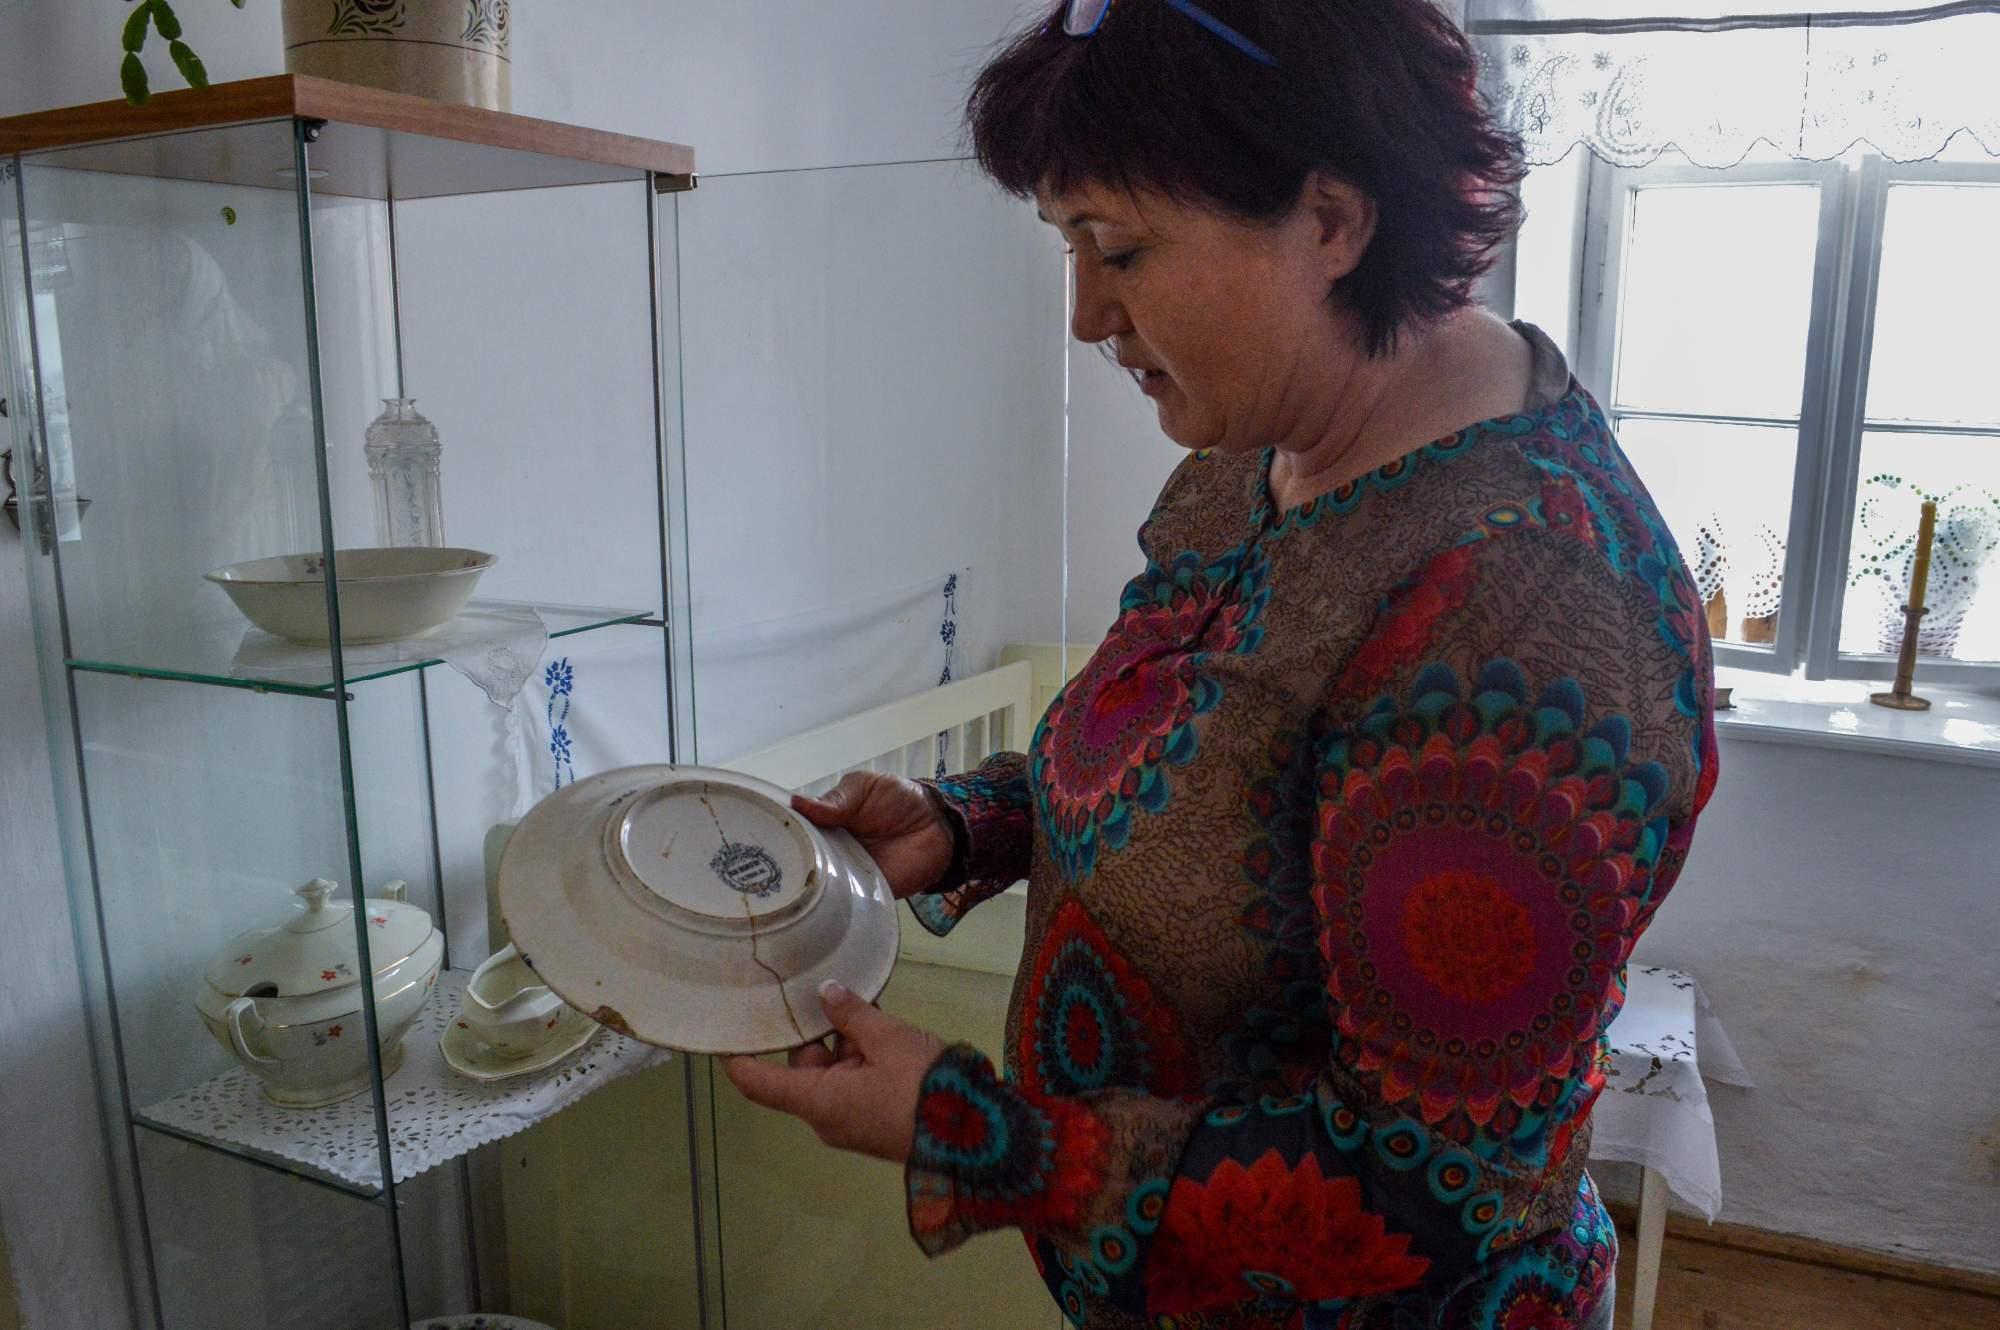 Jeden z nejvzácnějších exponátů Krumvířského muzea je malovaný talíř z dílny Antonína Novotného